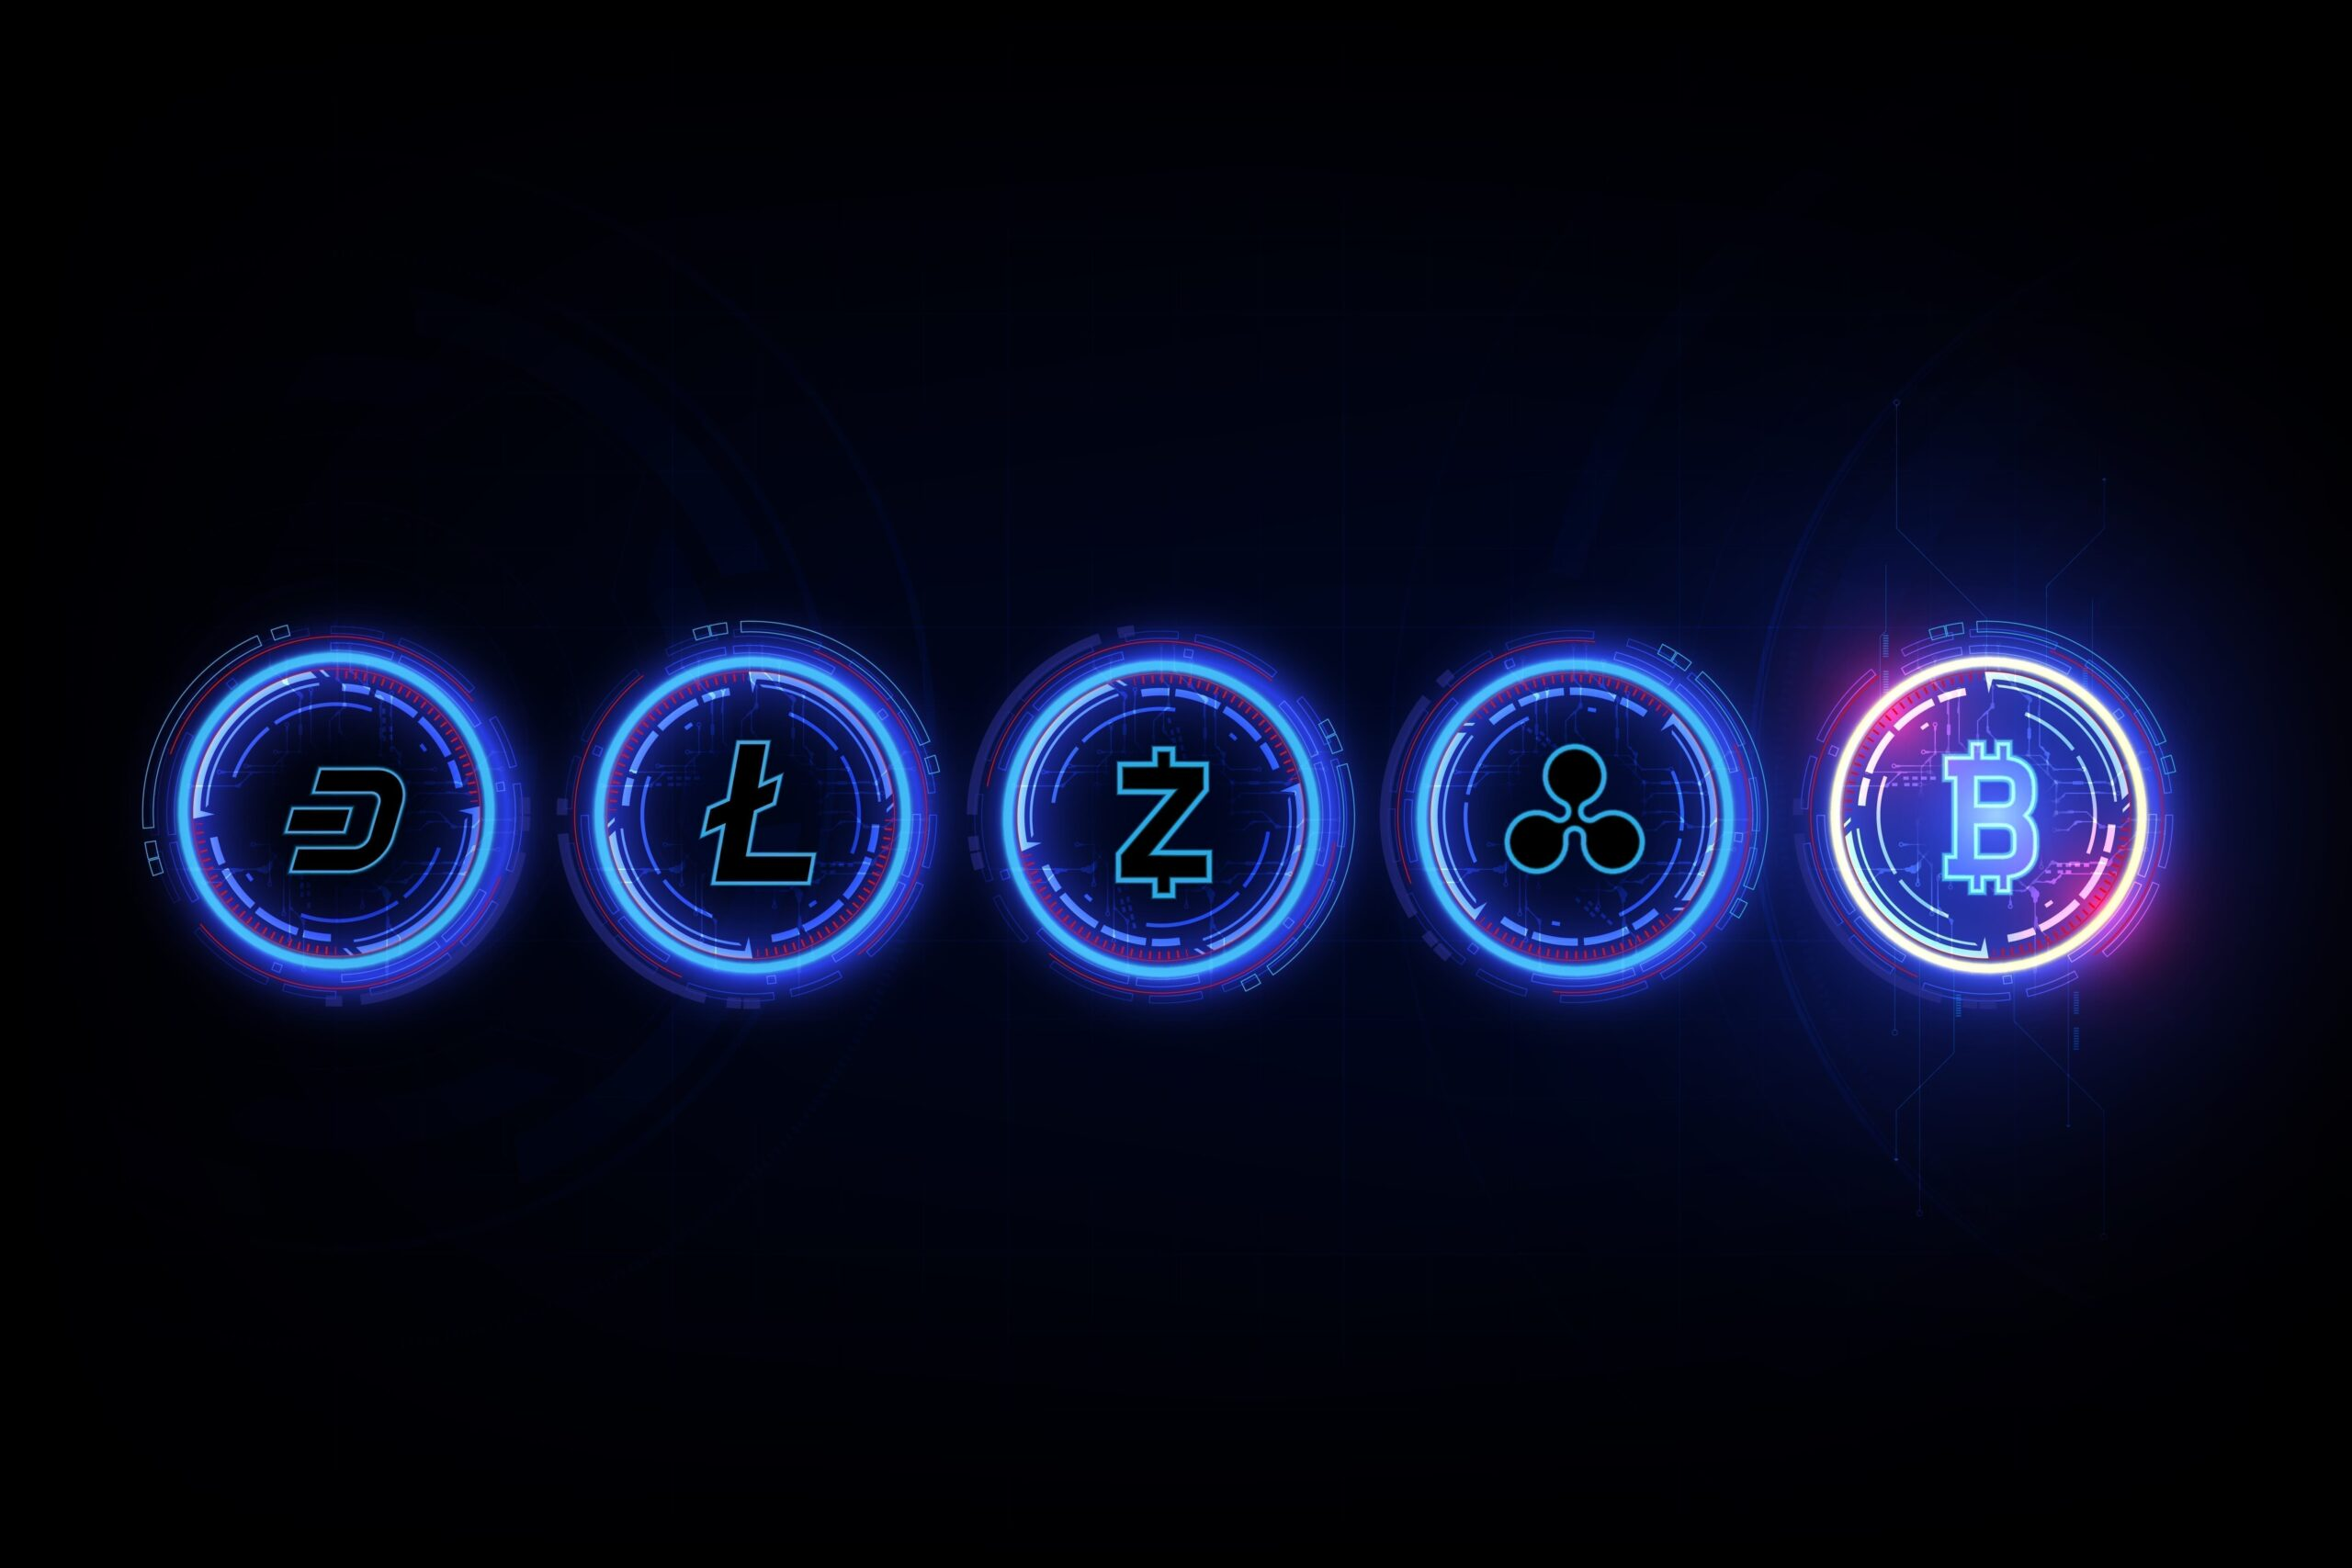 أفضل العملات الرقمية الـ 5 للاستثمار في 2021؟